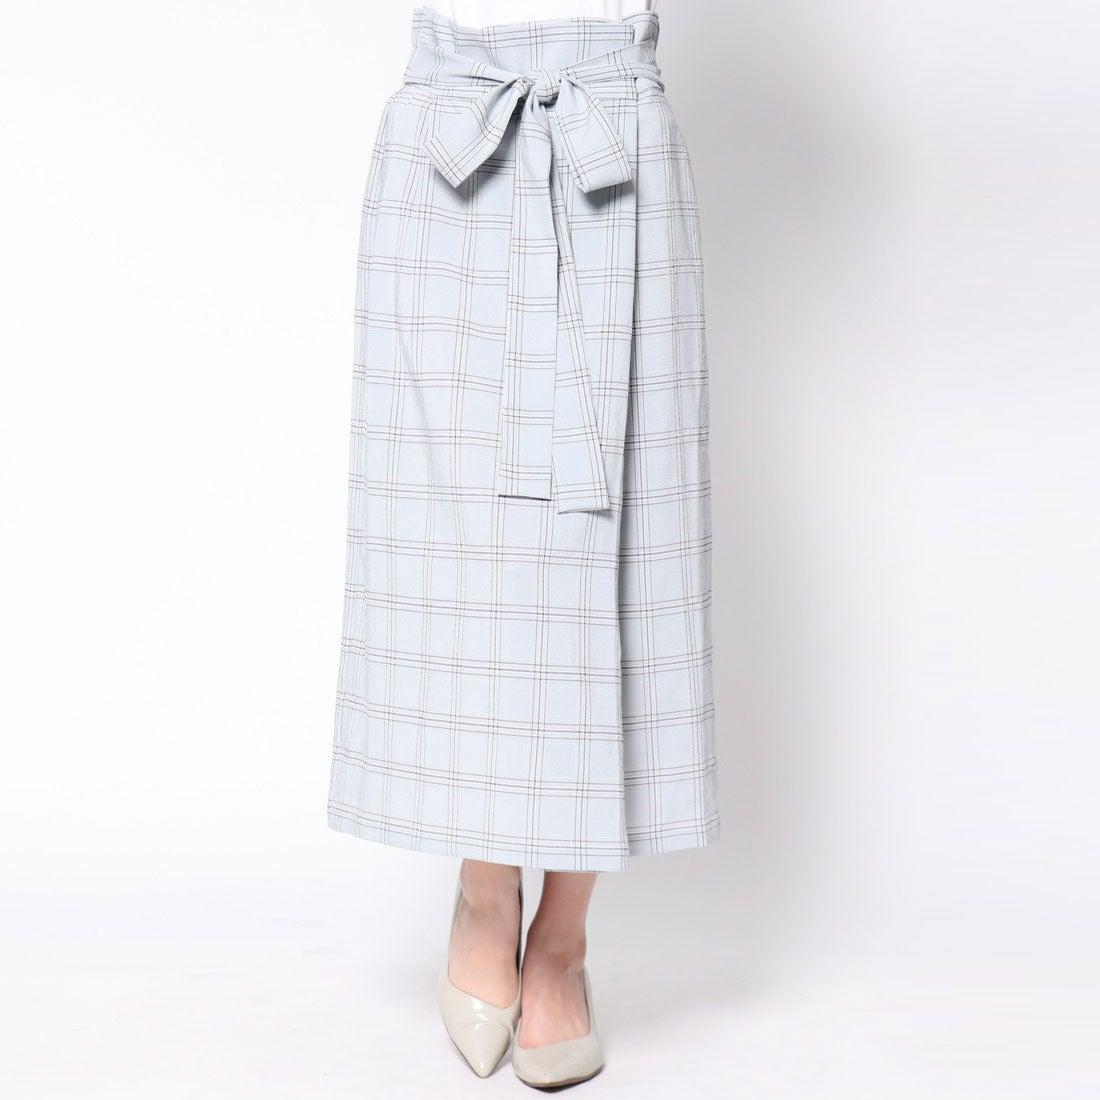 【SALE 40%OFF】アウリィ AULI チェック柄ラップ風スカート (MINT)